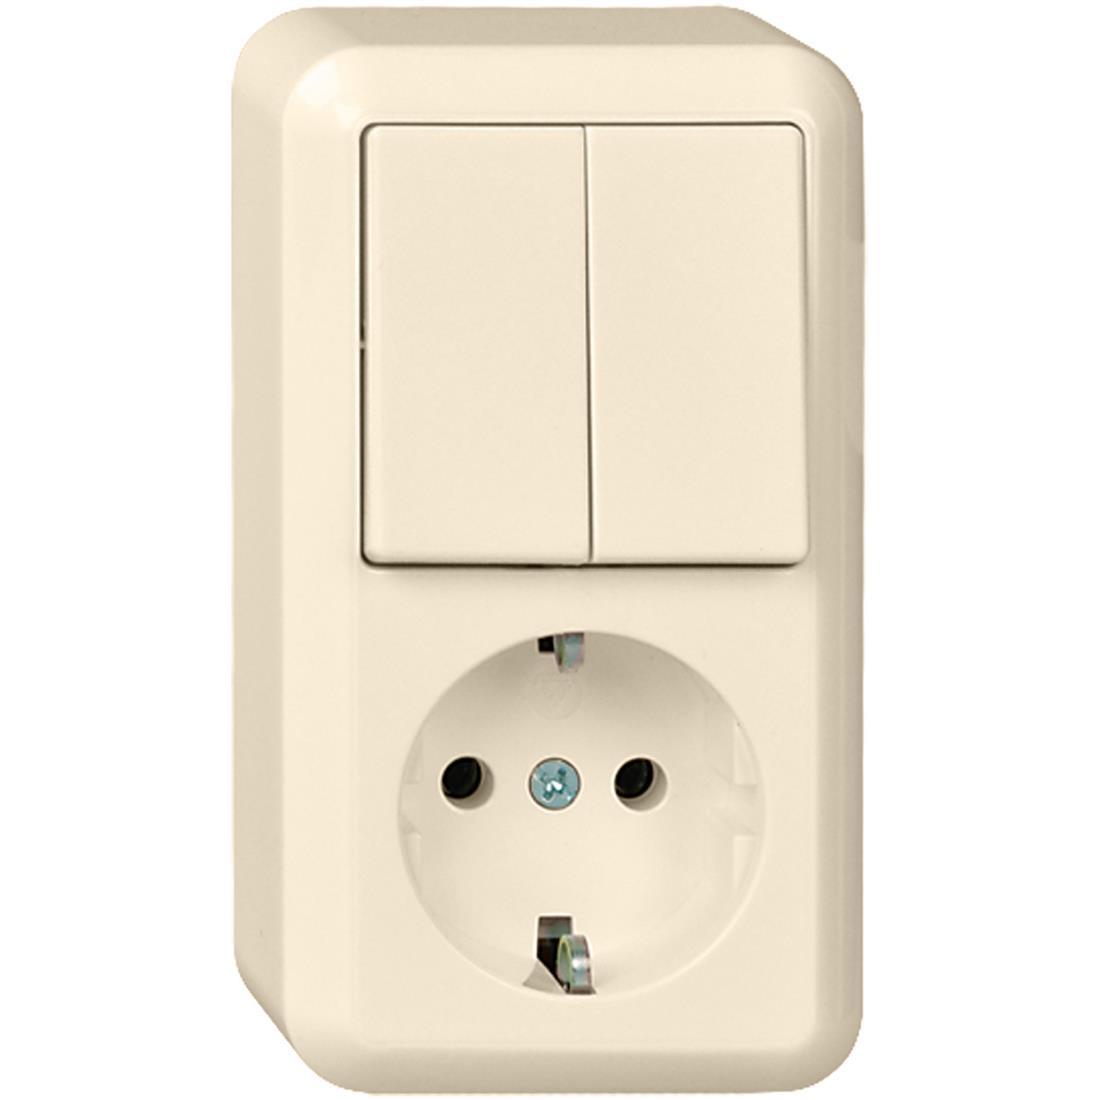 Schneider Electric Contura opbouw combinatie enkelvoudige wandcontactdoos met randaarde + serieschakelaar - crème wit (388500)